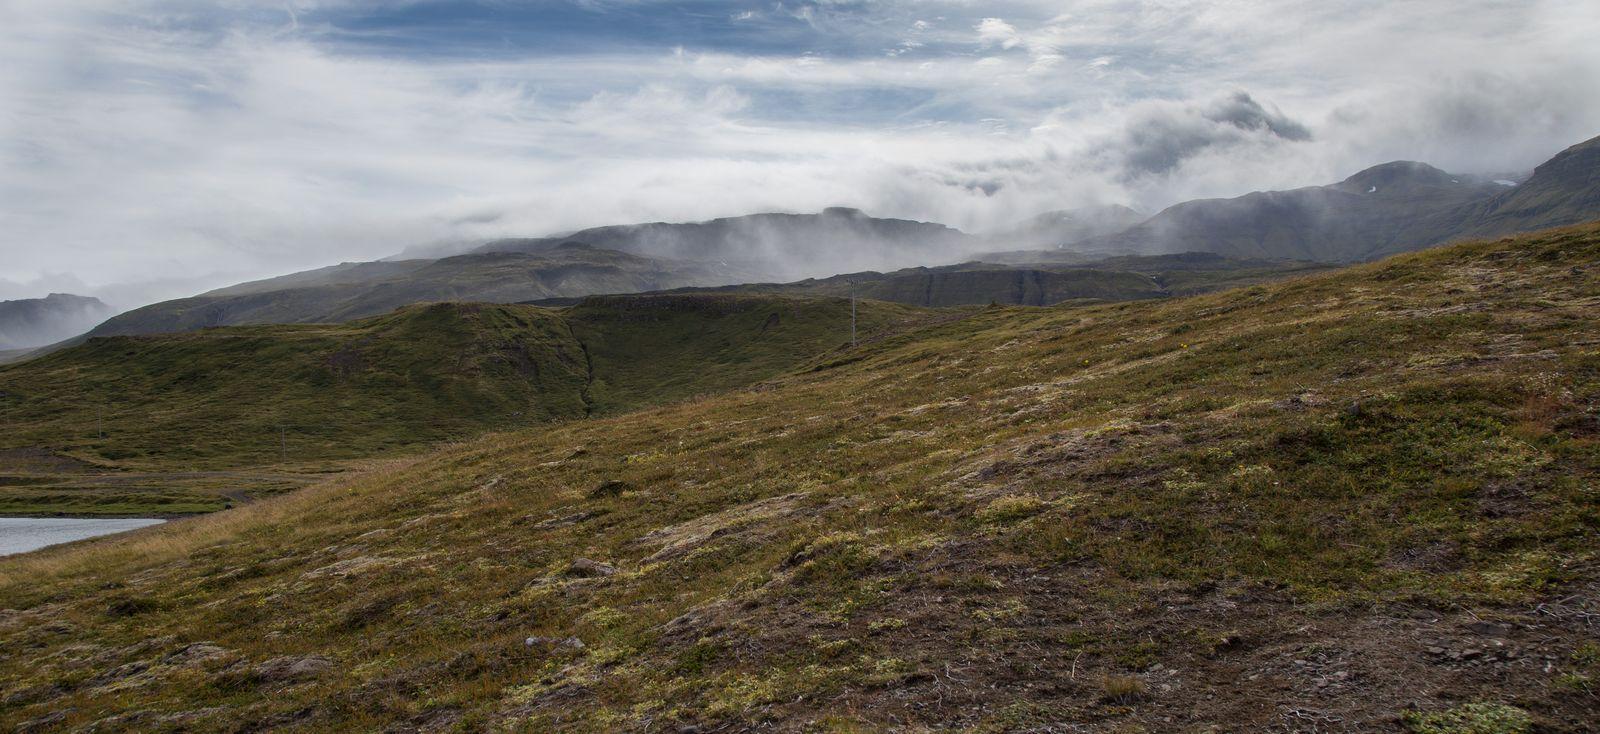 Las montañas frenando a las nubes tras nosotros